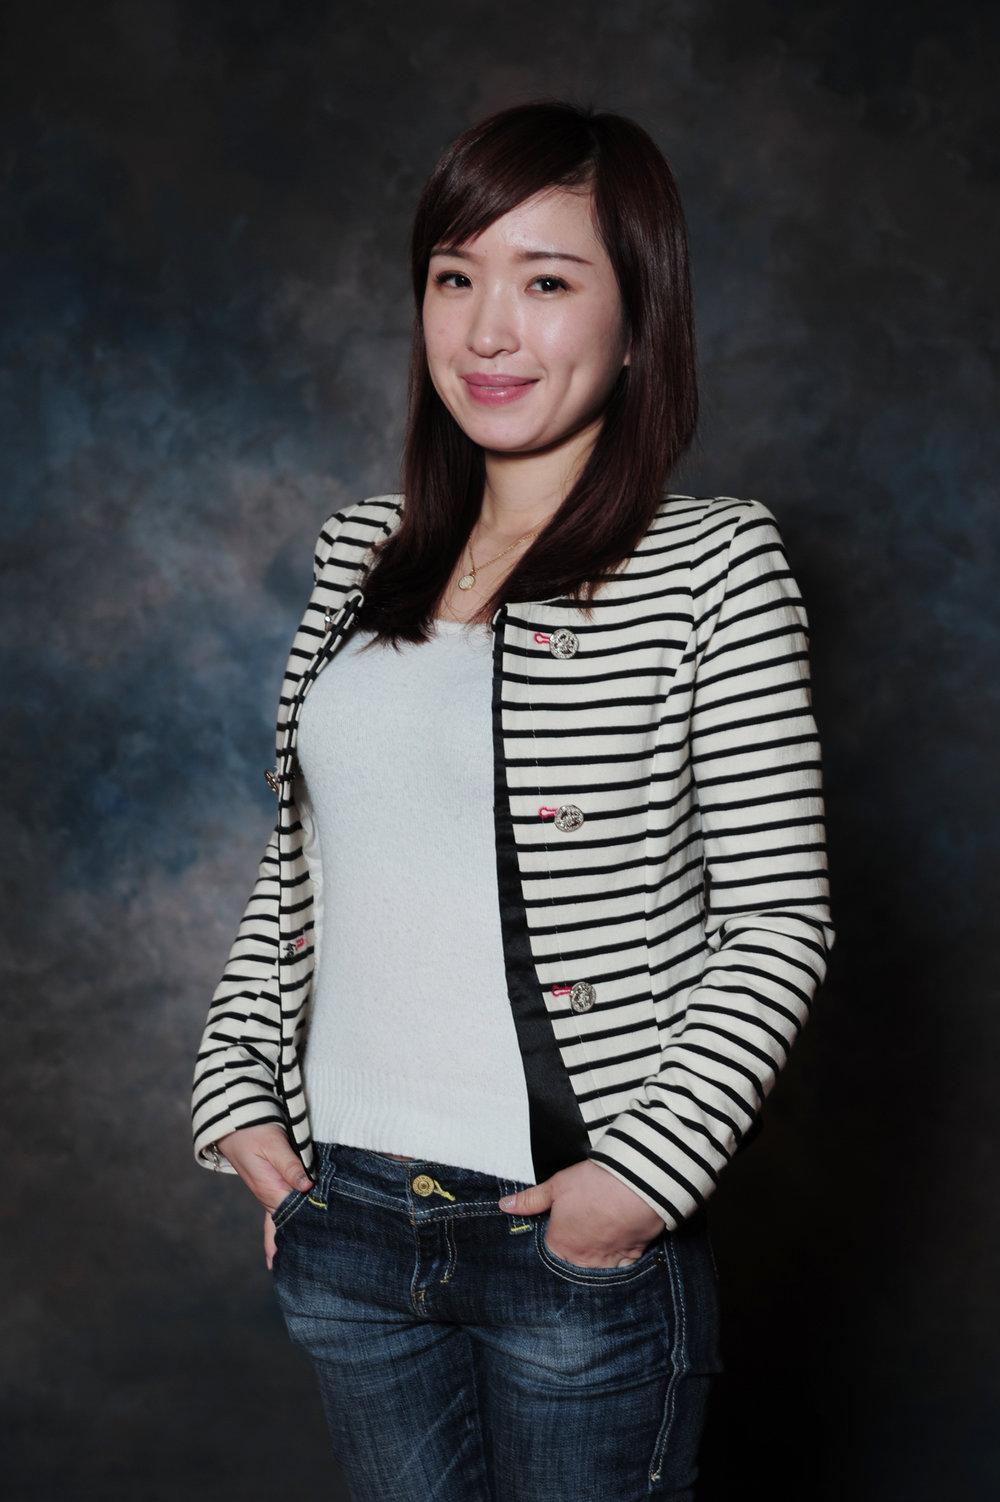 國際部行政組長 - 李哲維 Ms. Karina Lee